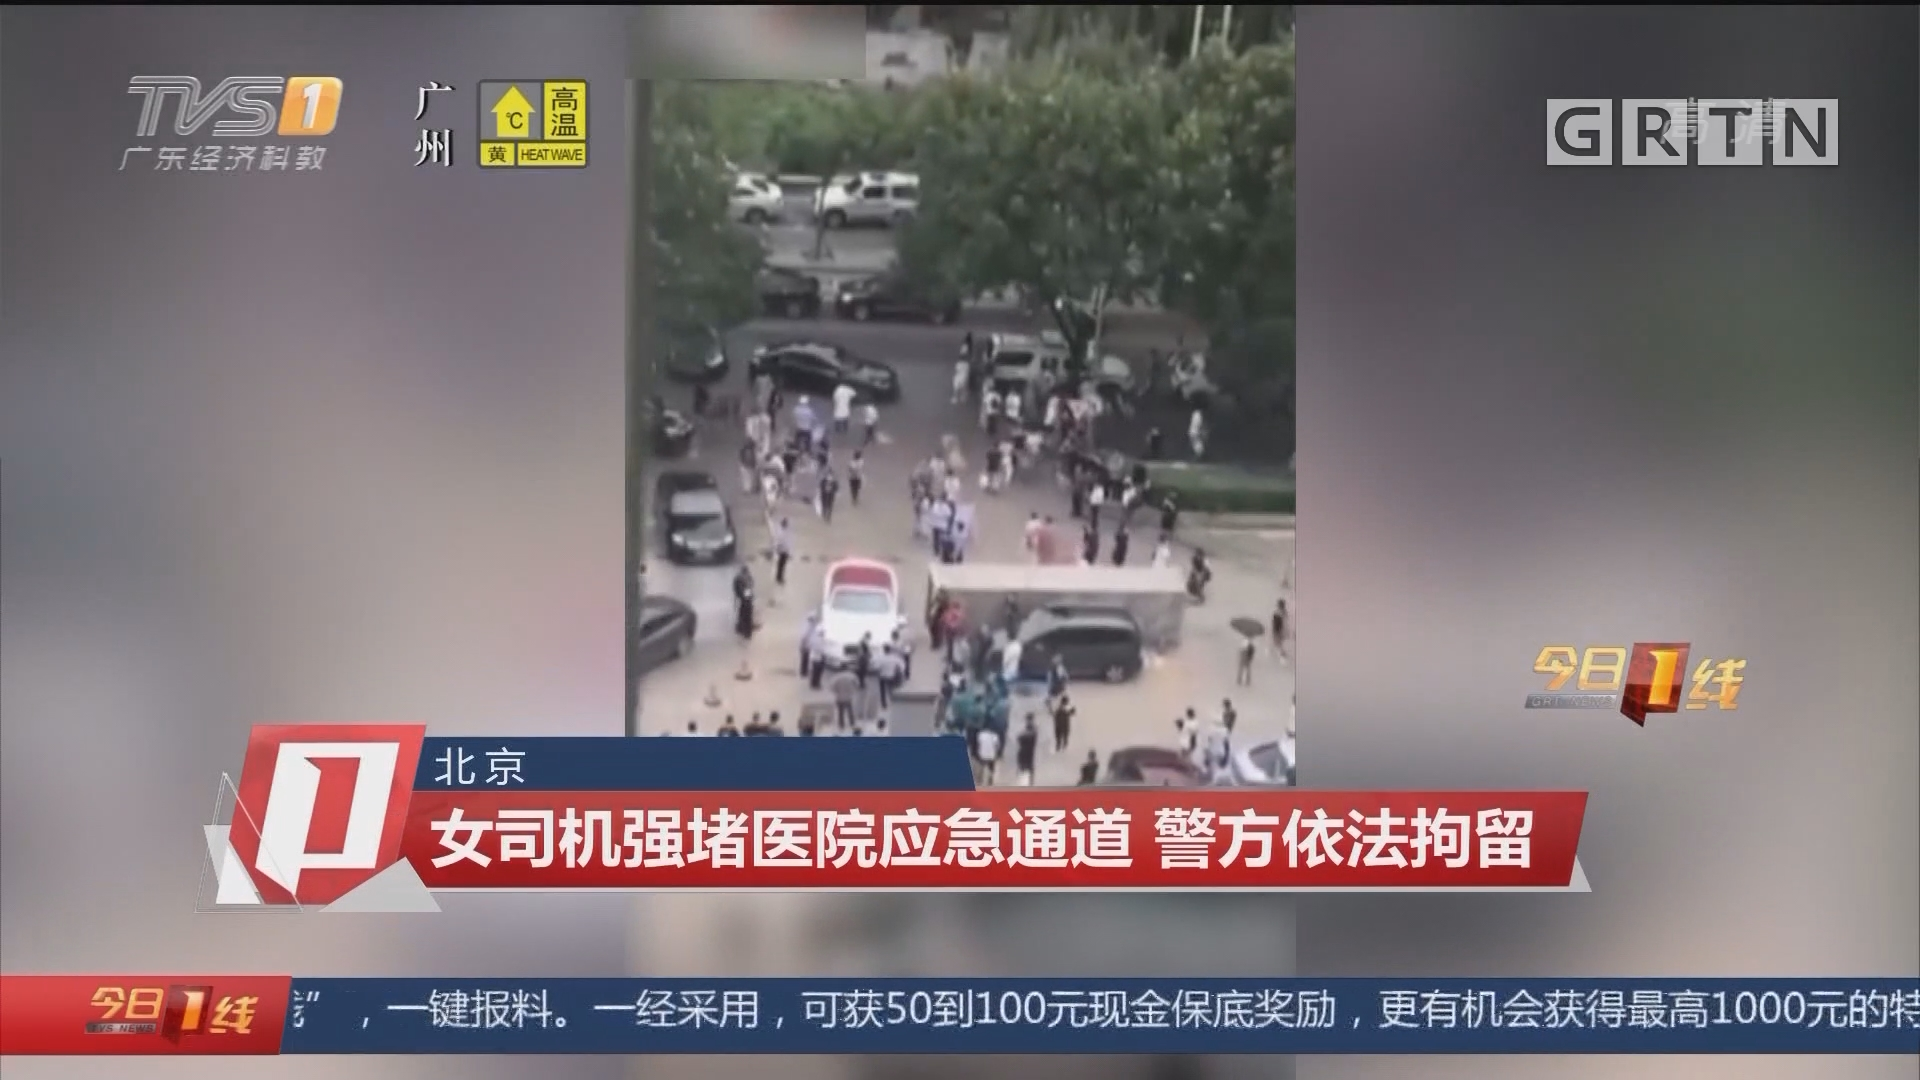 北京:女司機強堵醫院應急通道 警方依法拘留